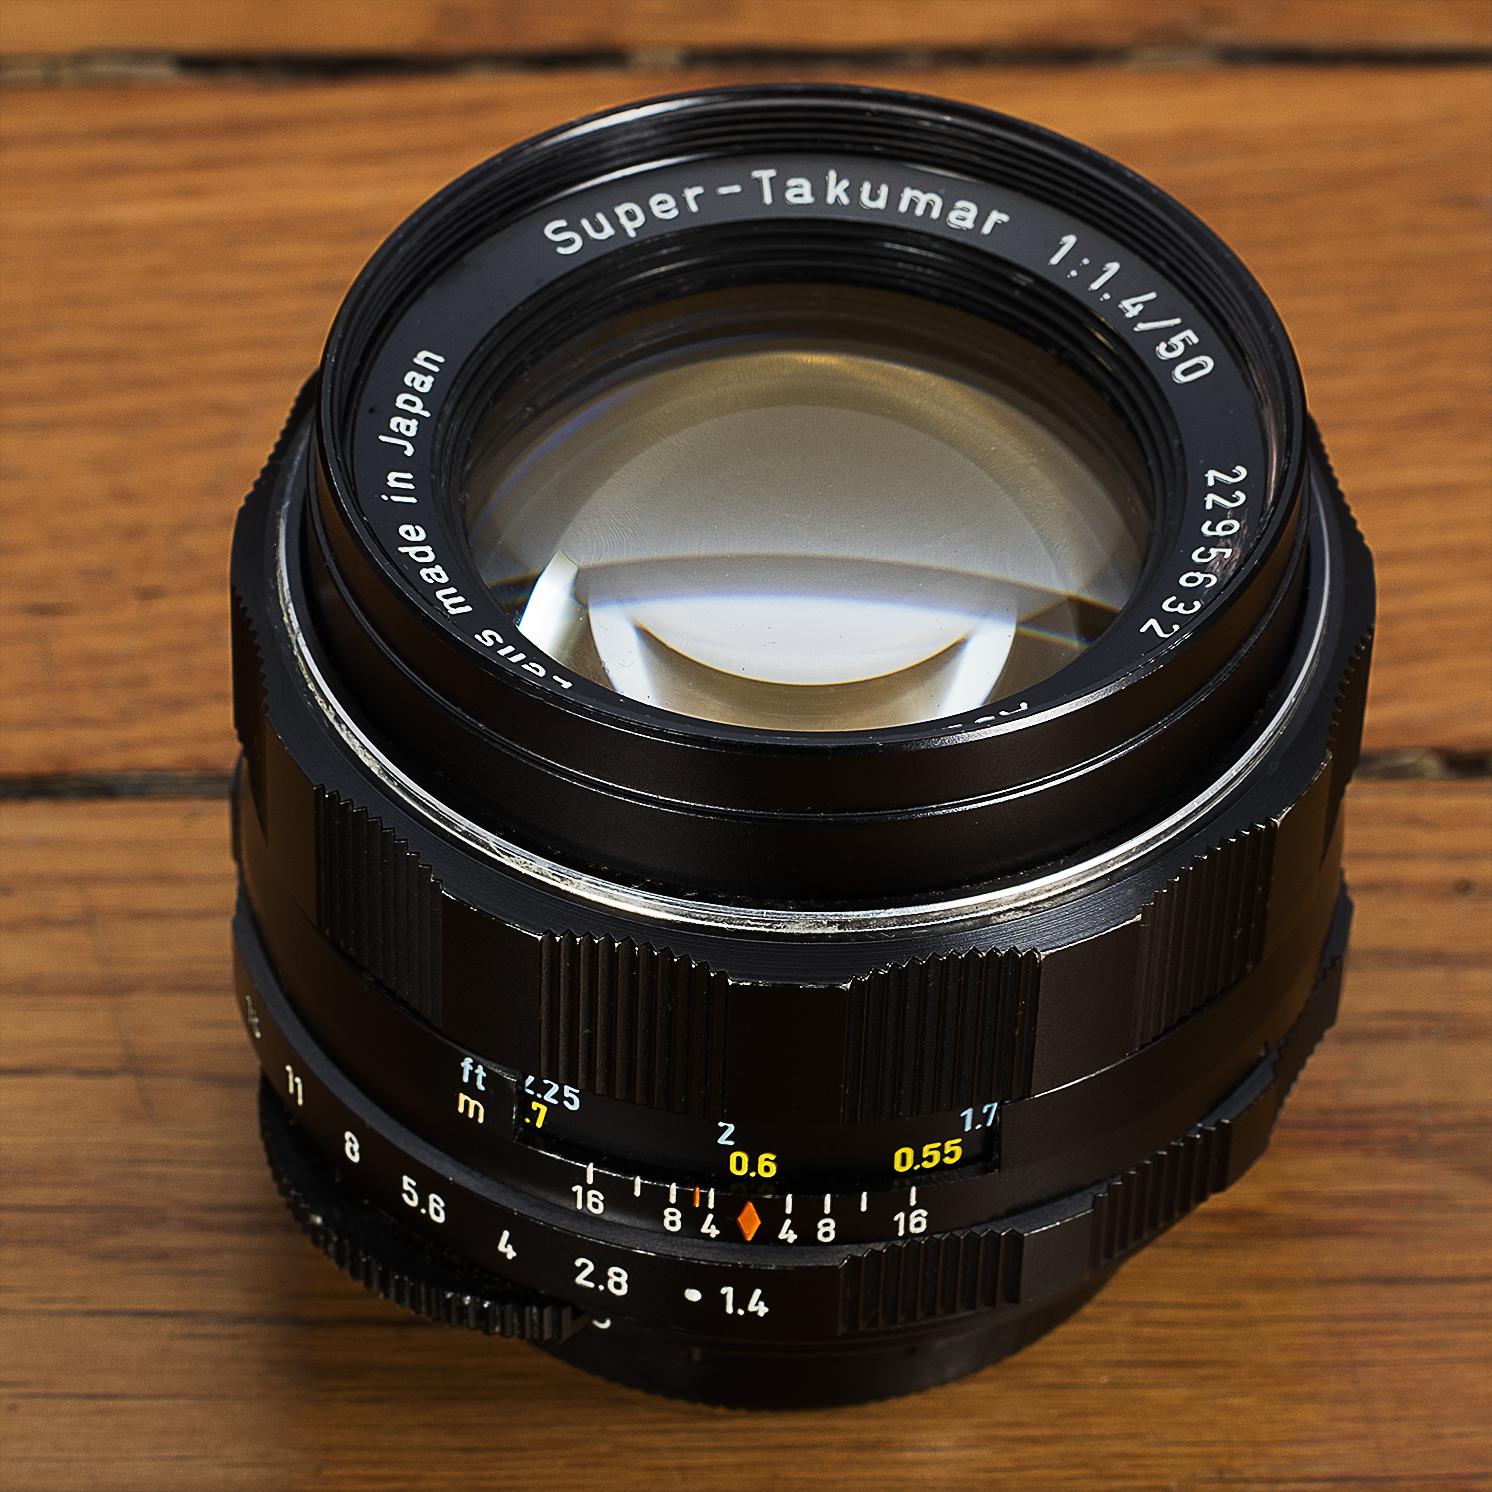 SMC Super Takumar 50 mm f/1.4